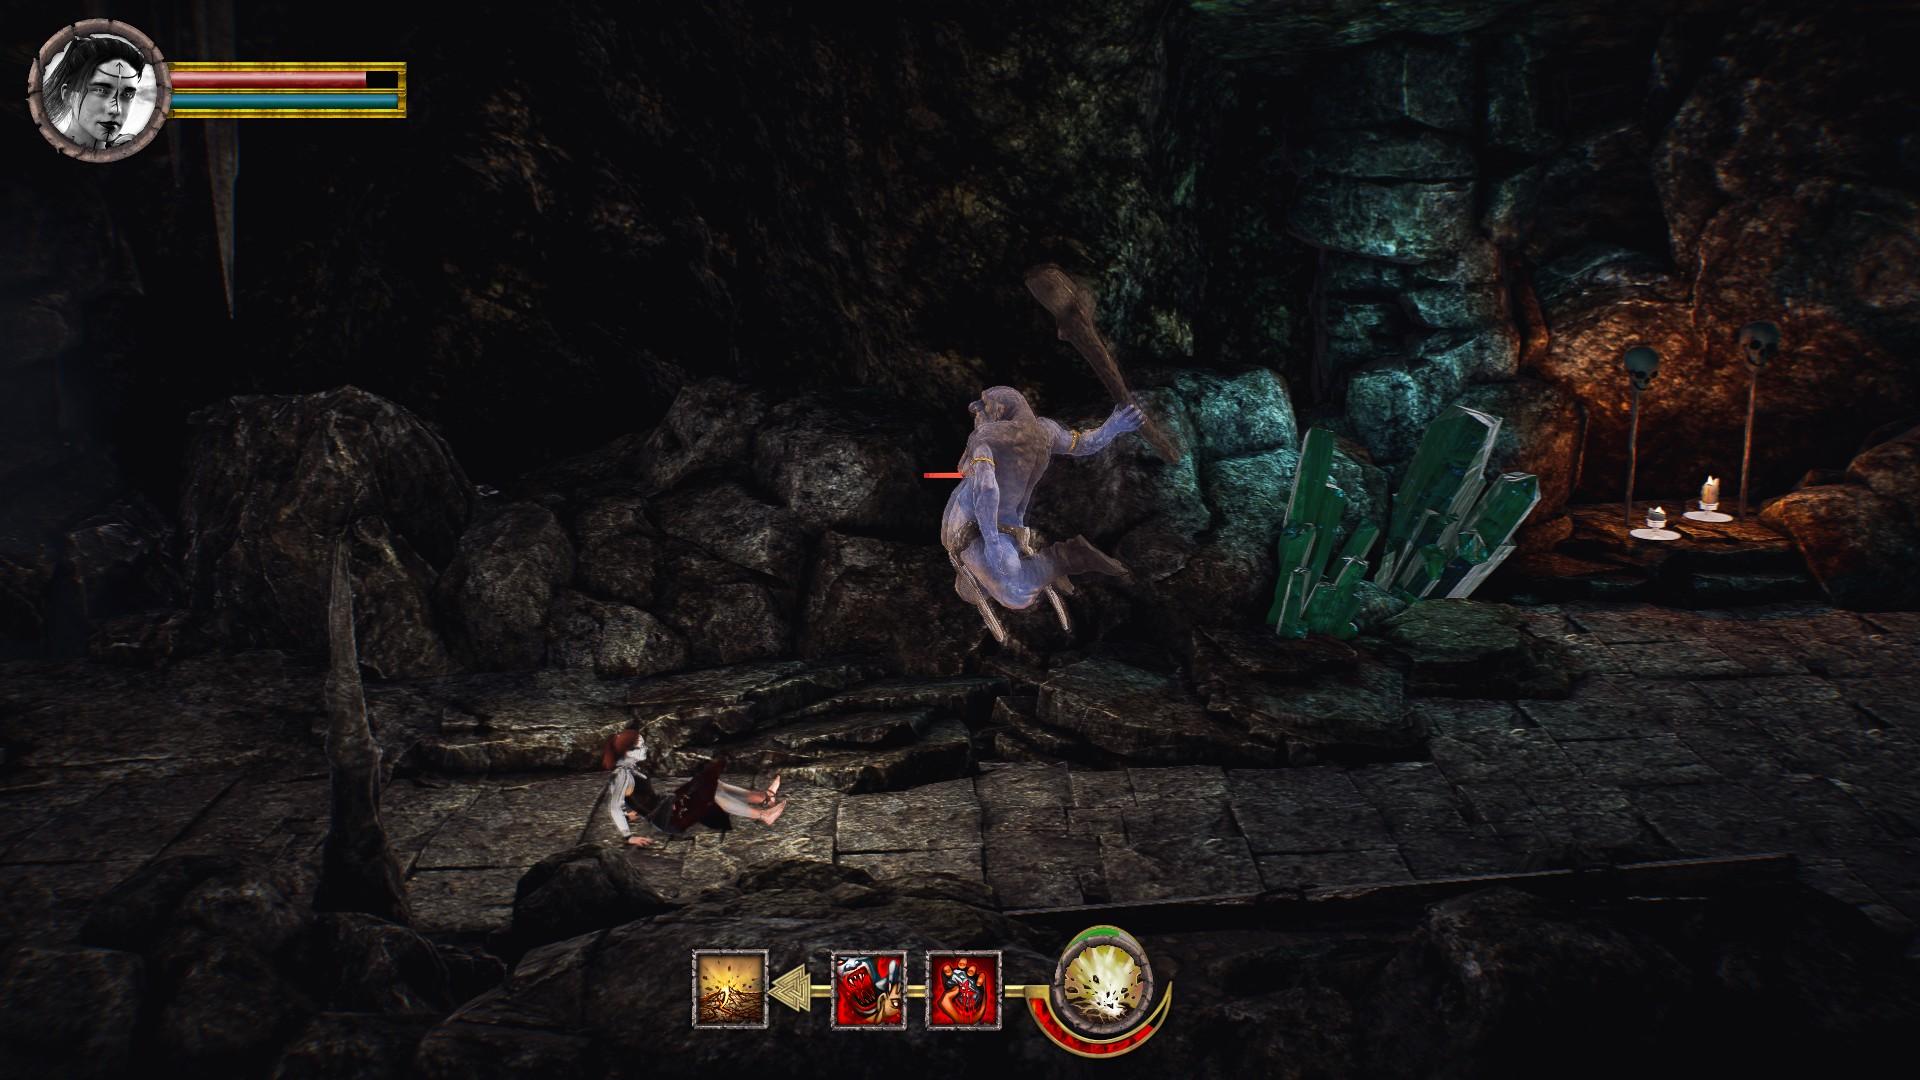 Berserker in game screenshot 01